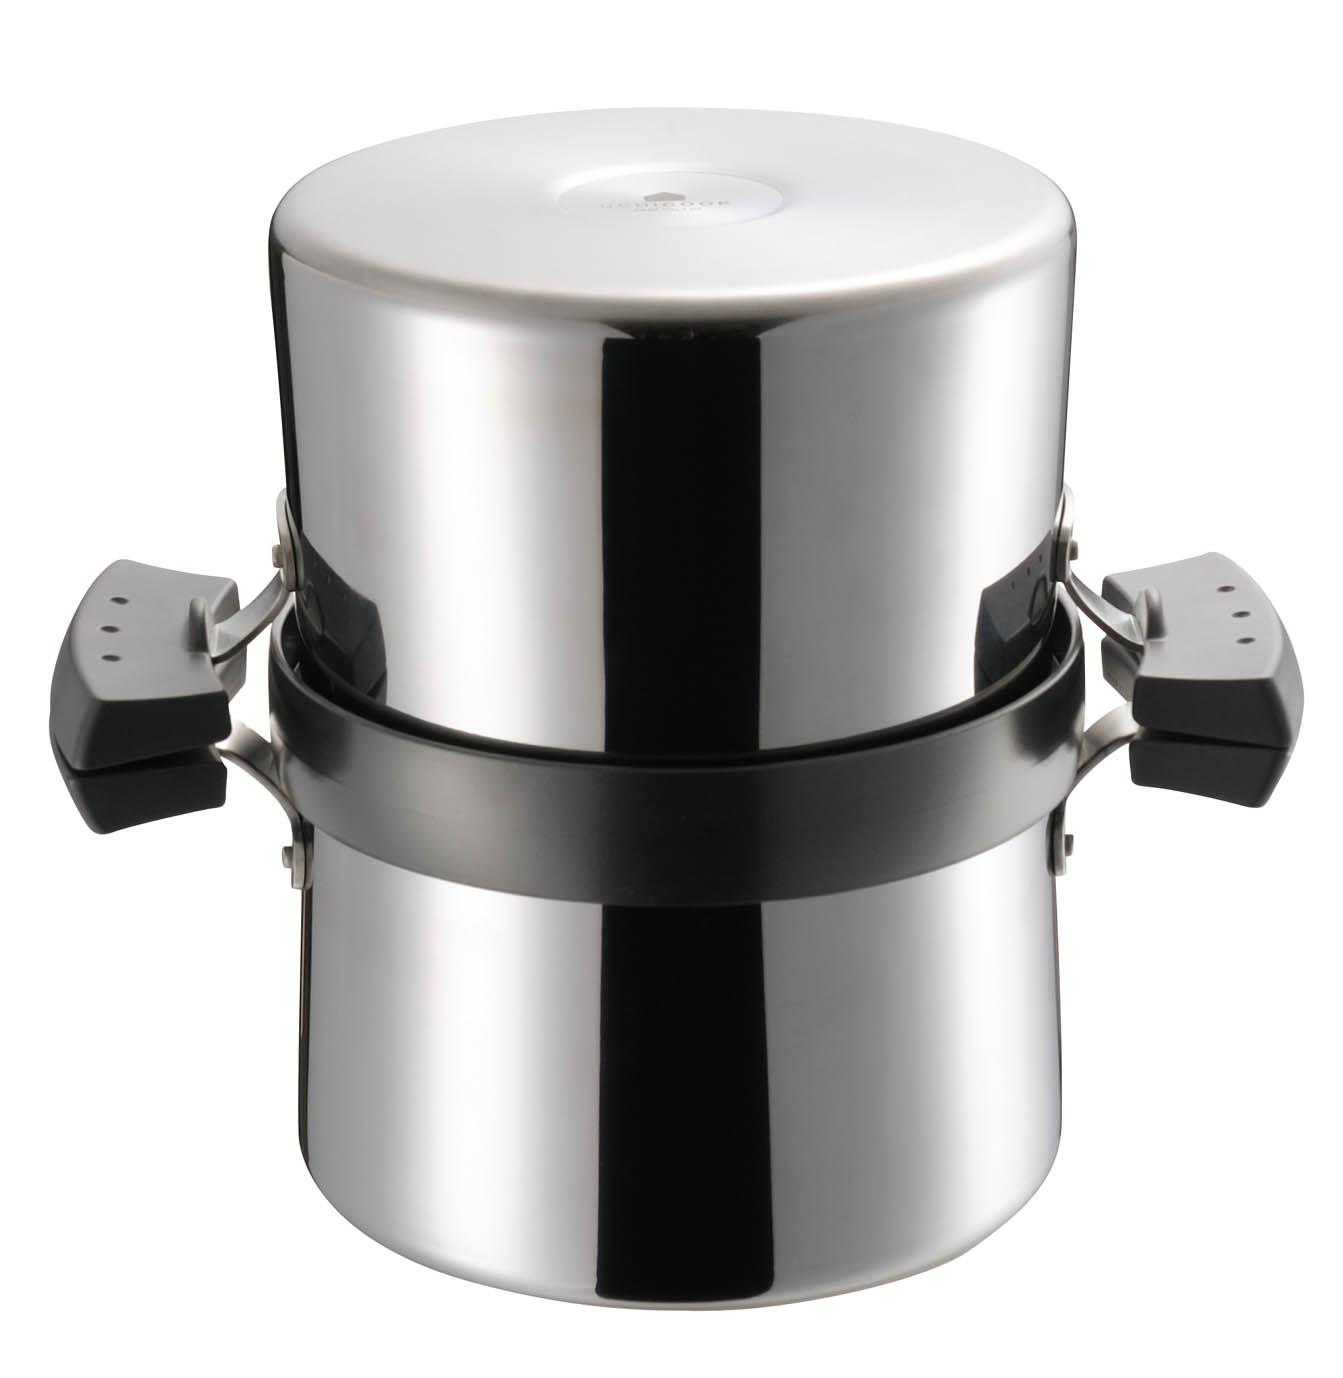 揚げ物調理がもっと簡単に。1台3役の有能フライ鍋